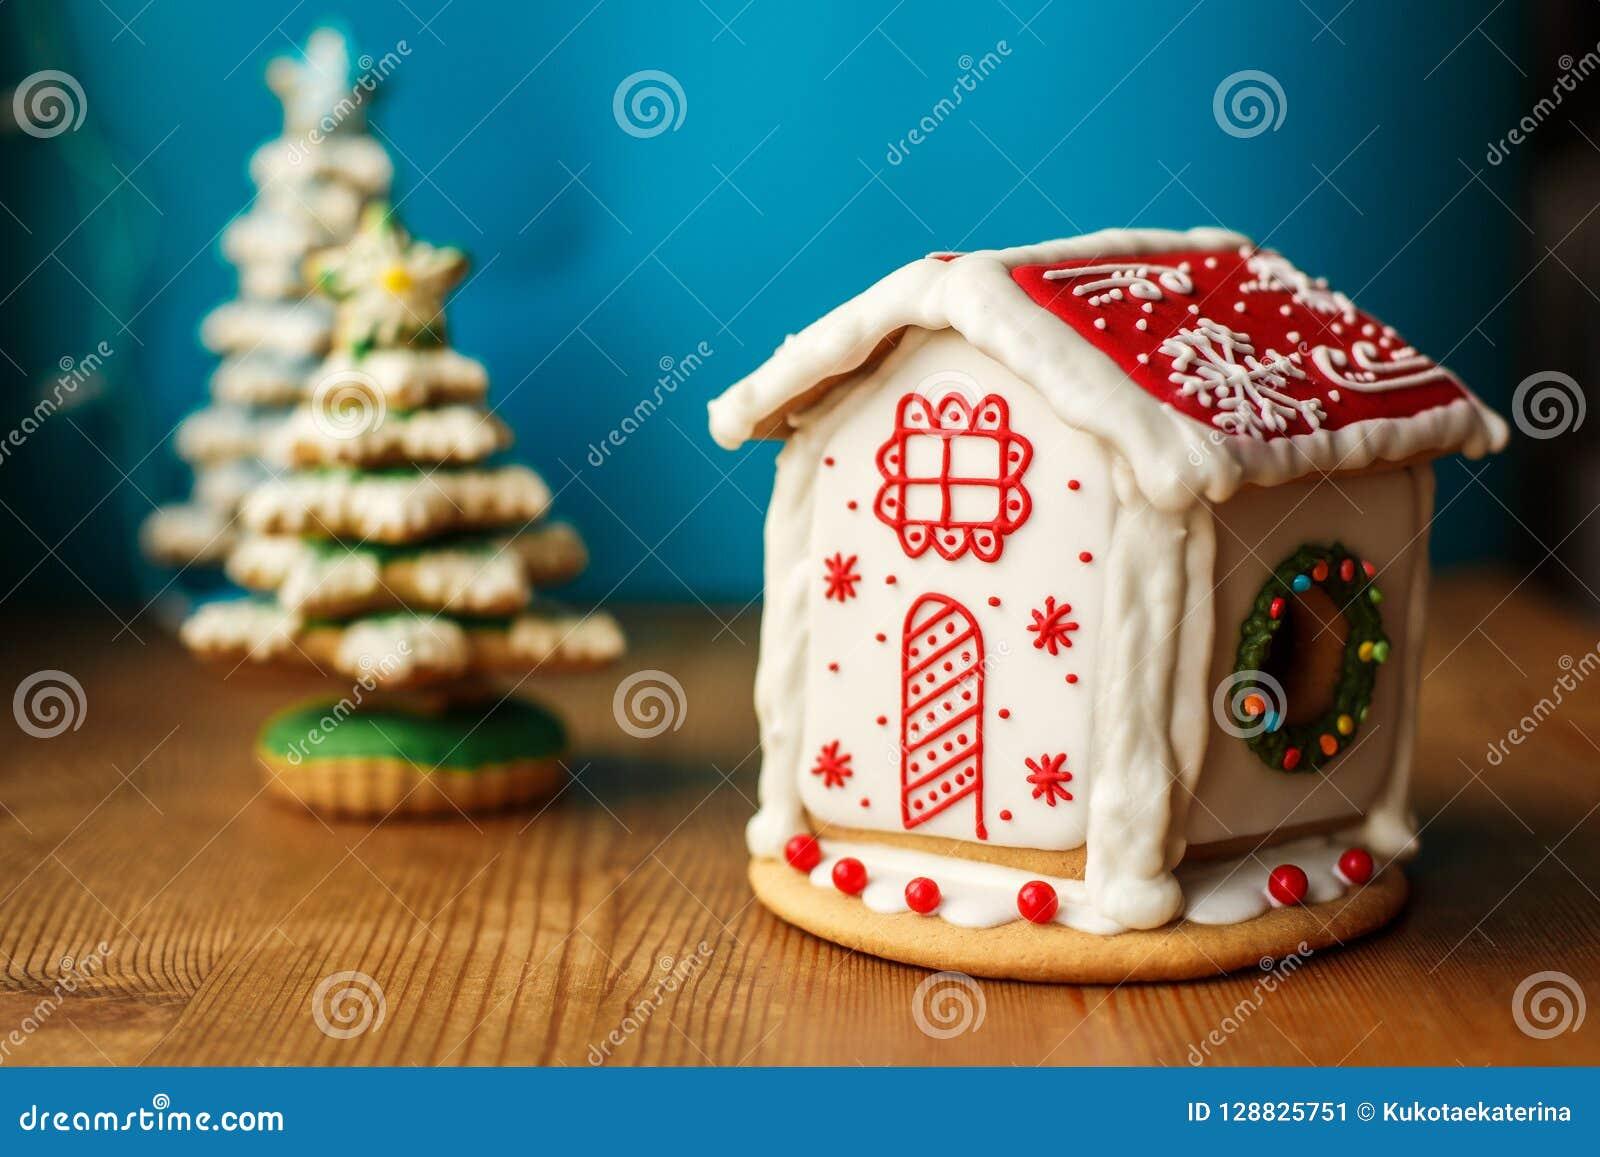 Weihnachtslebkuchen-Plätzchen-Haus Feiertagsbonbons Feiertagslebensmittel und Dekorationskonzept